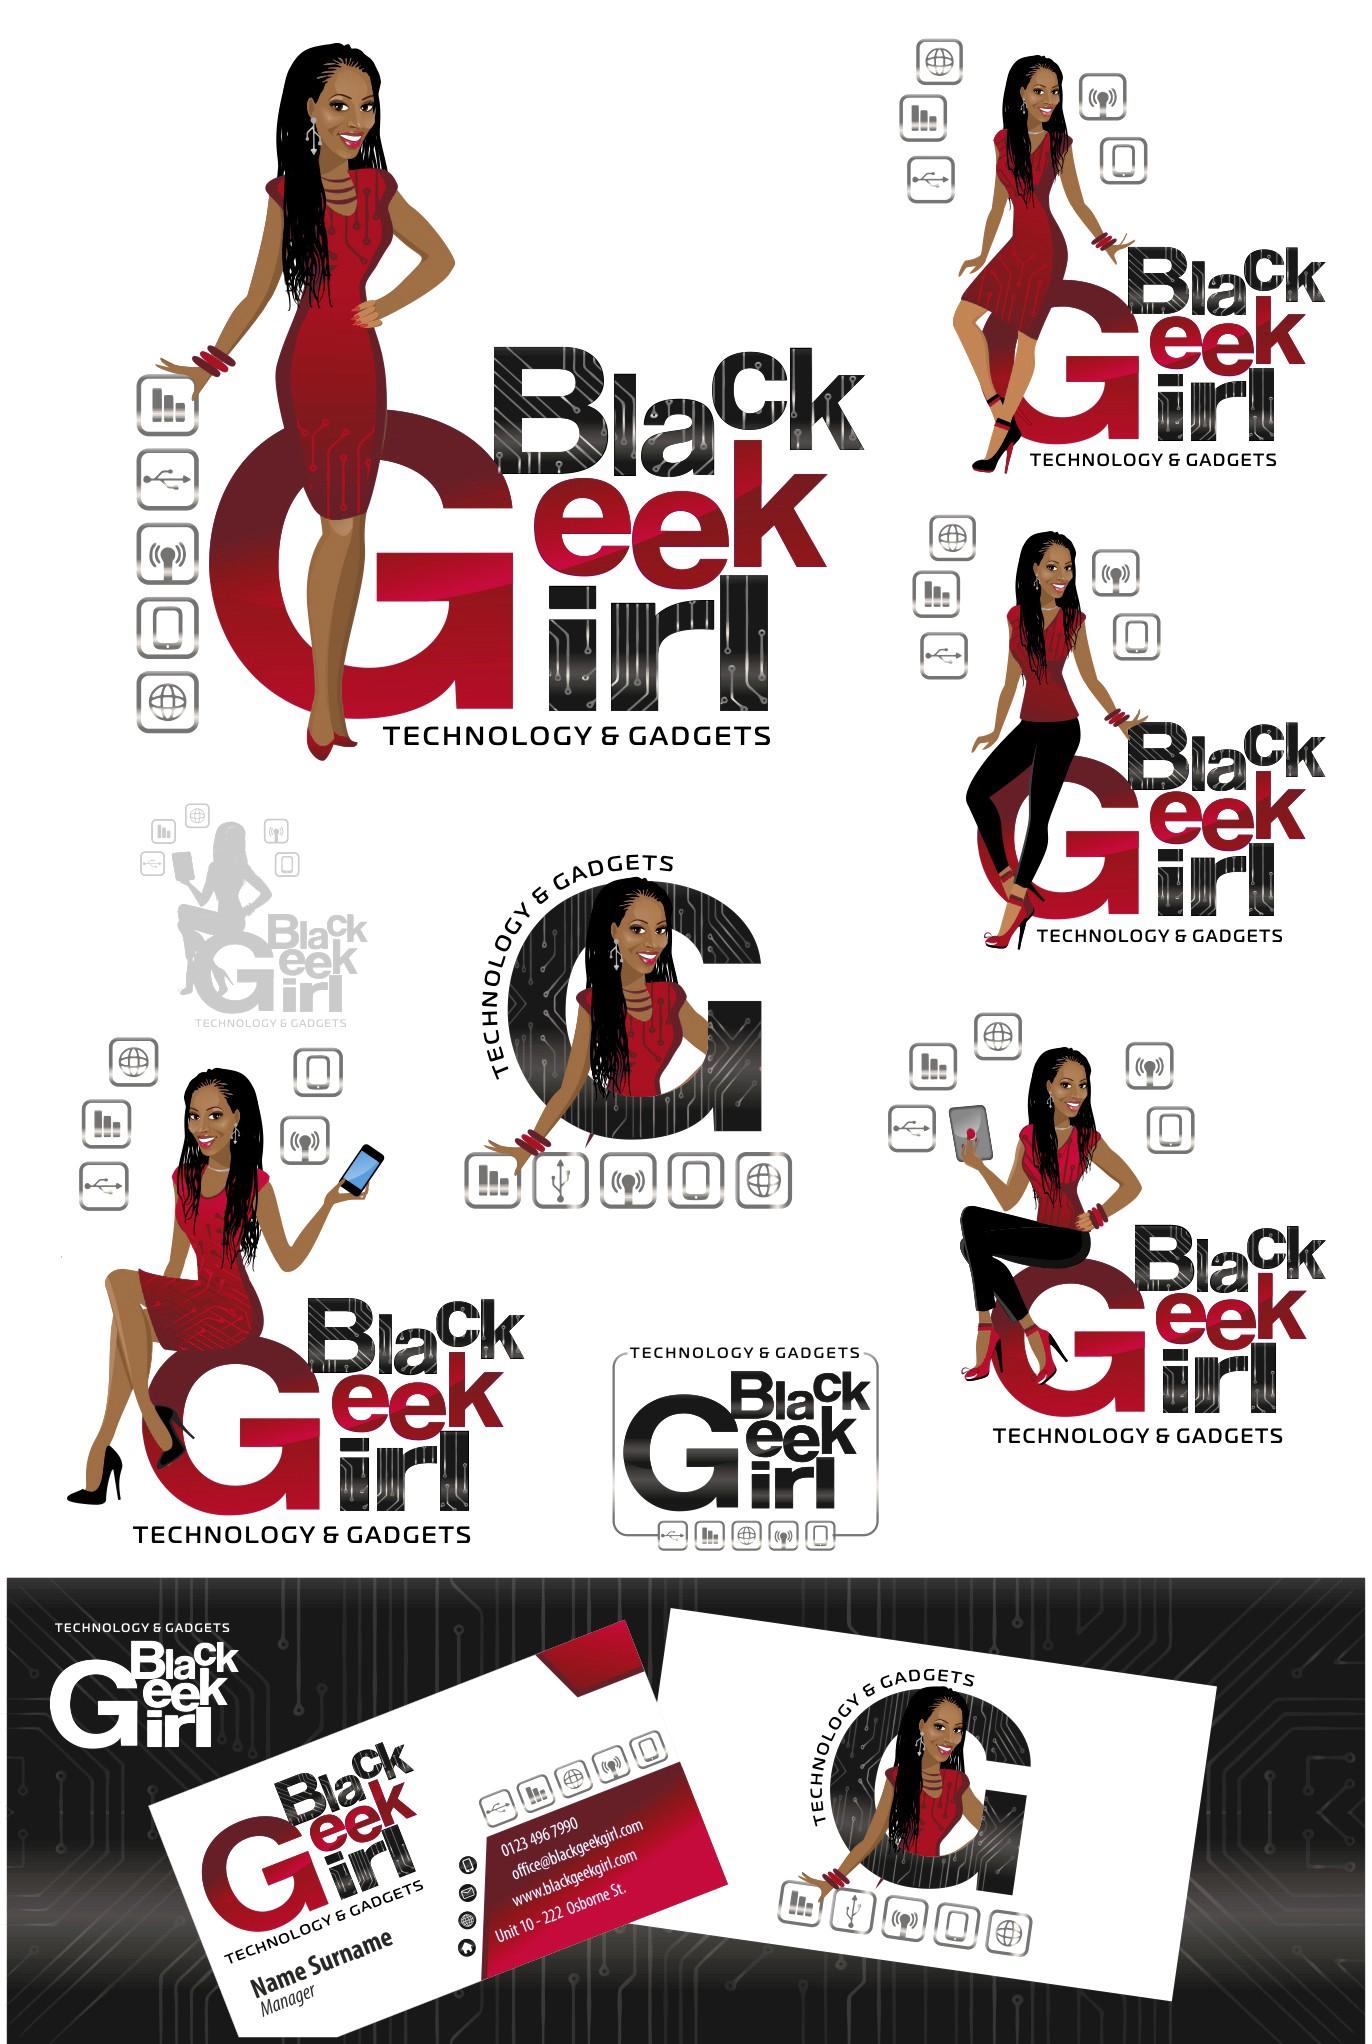 Black Geek Girl seeking top logo design for tech girl website!